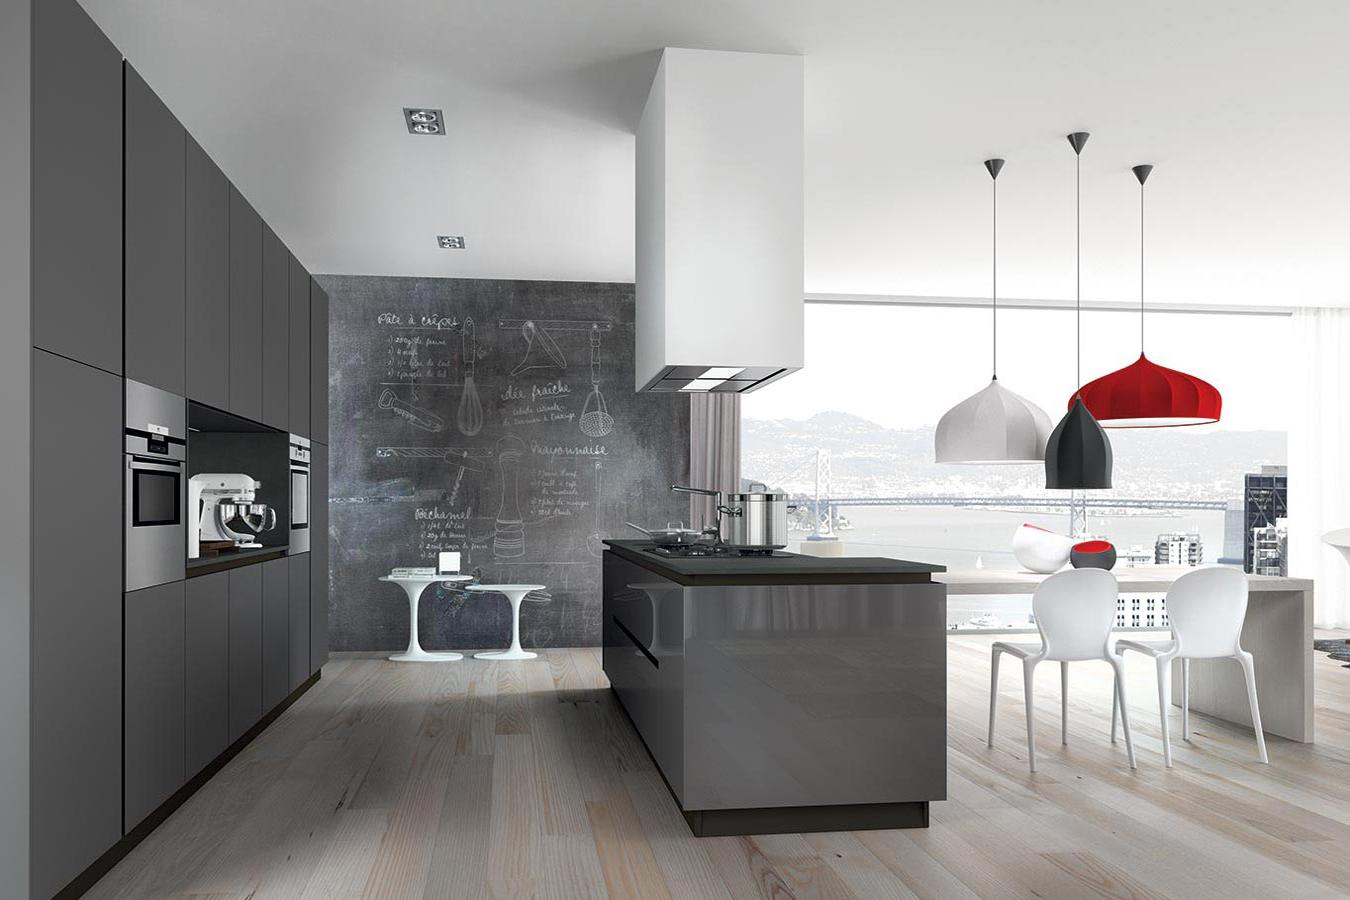 Cucina glass di arredo3 righetti mobili novara for Mobili arredo cucina